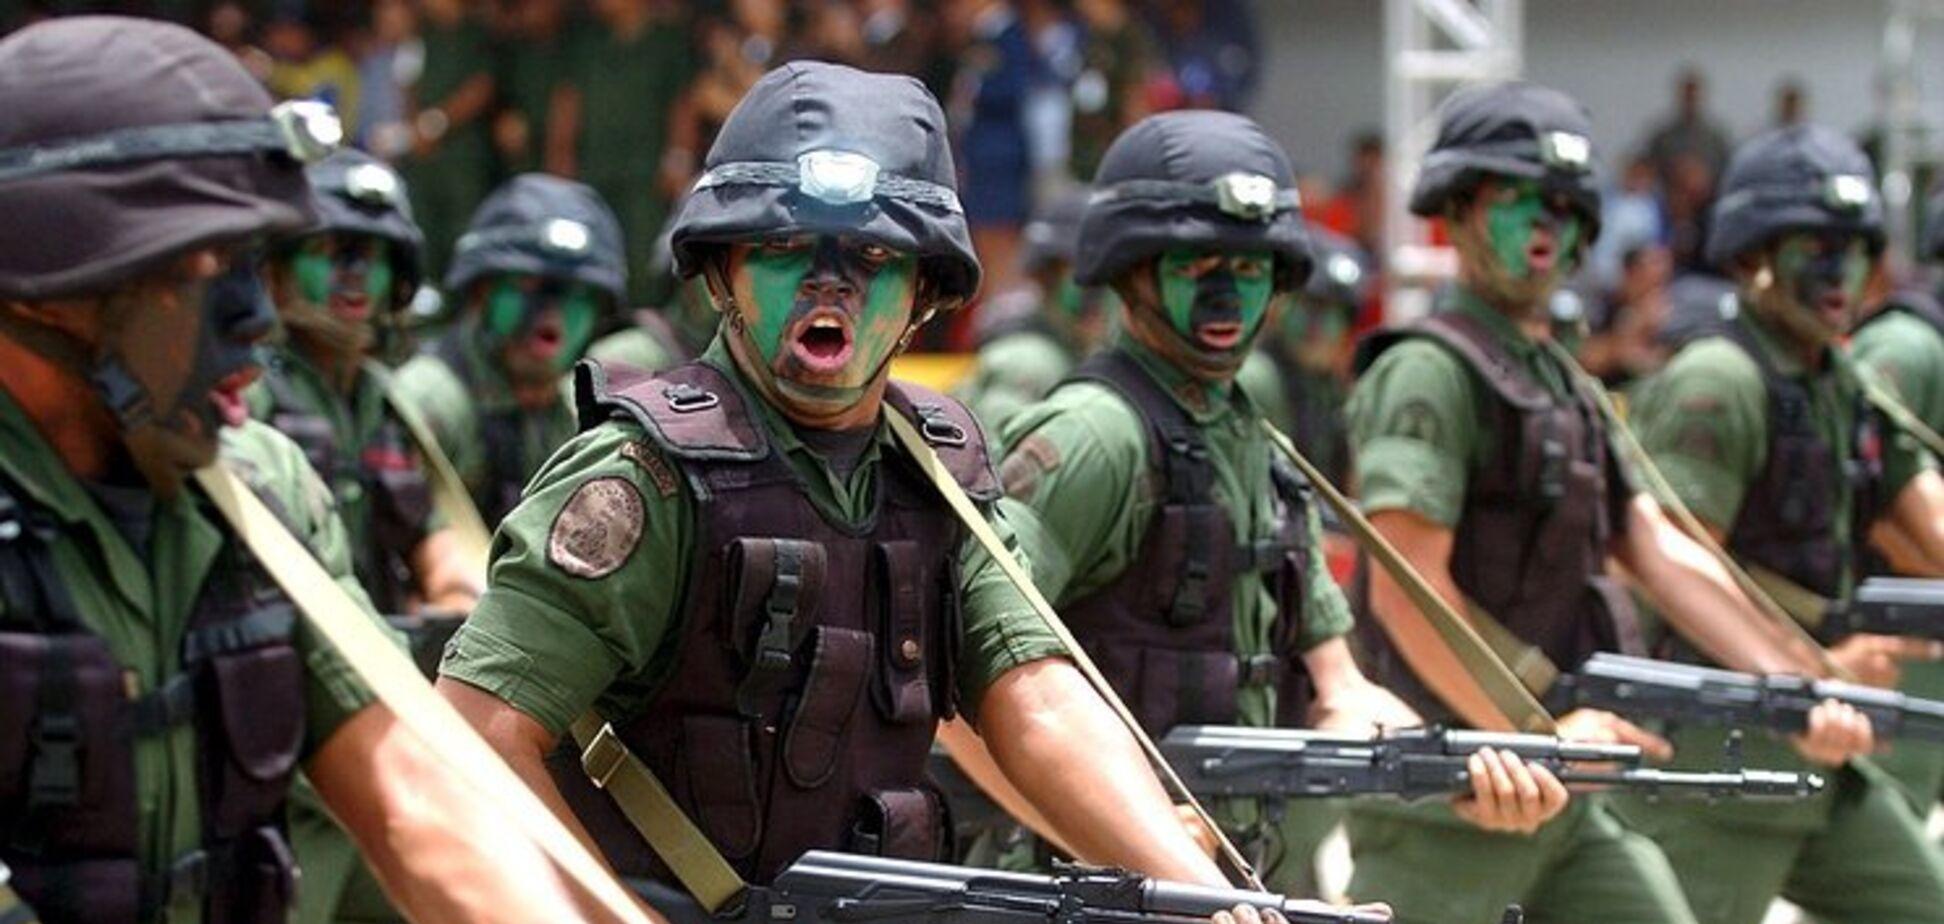 Венесуэла разворачивает войска: на кого нацелился 'друг' Путина